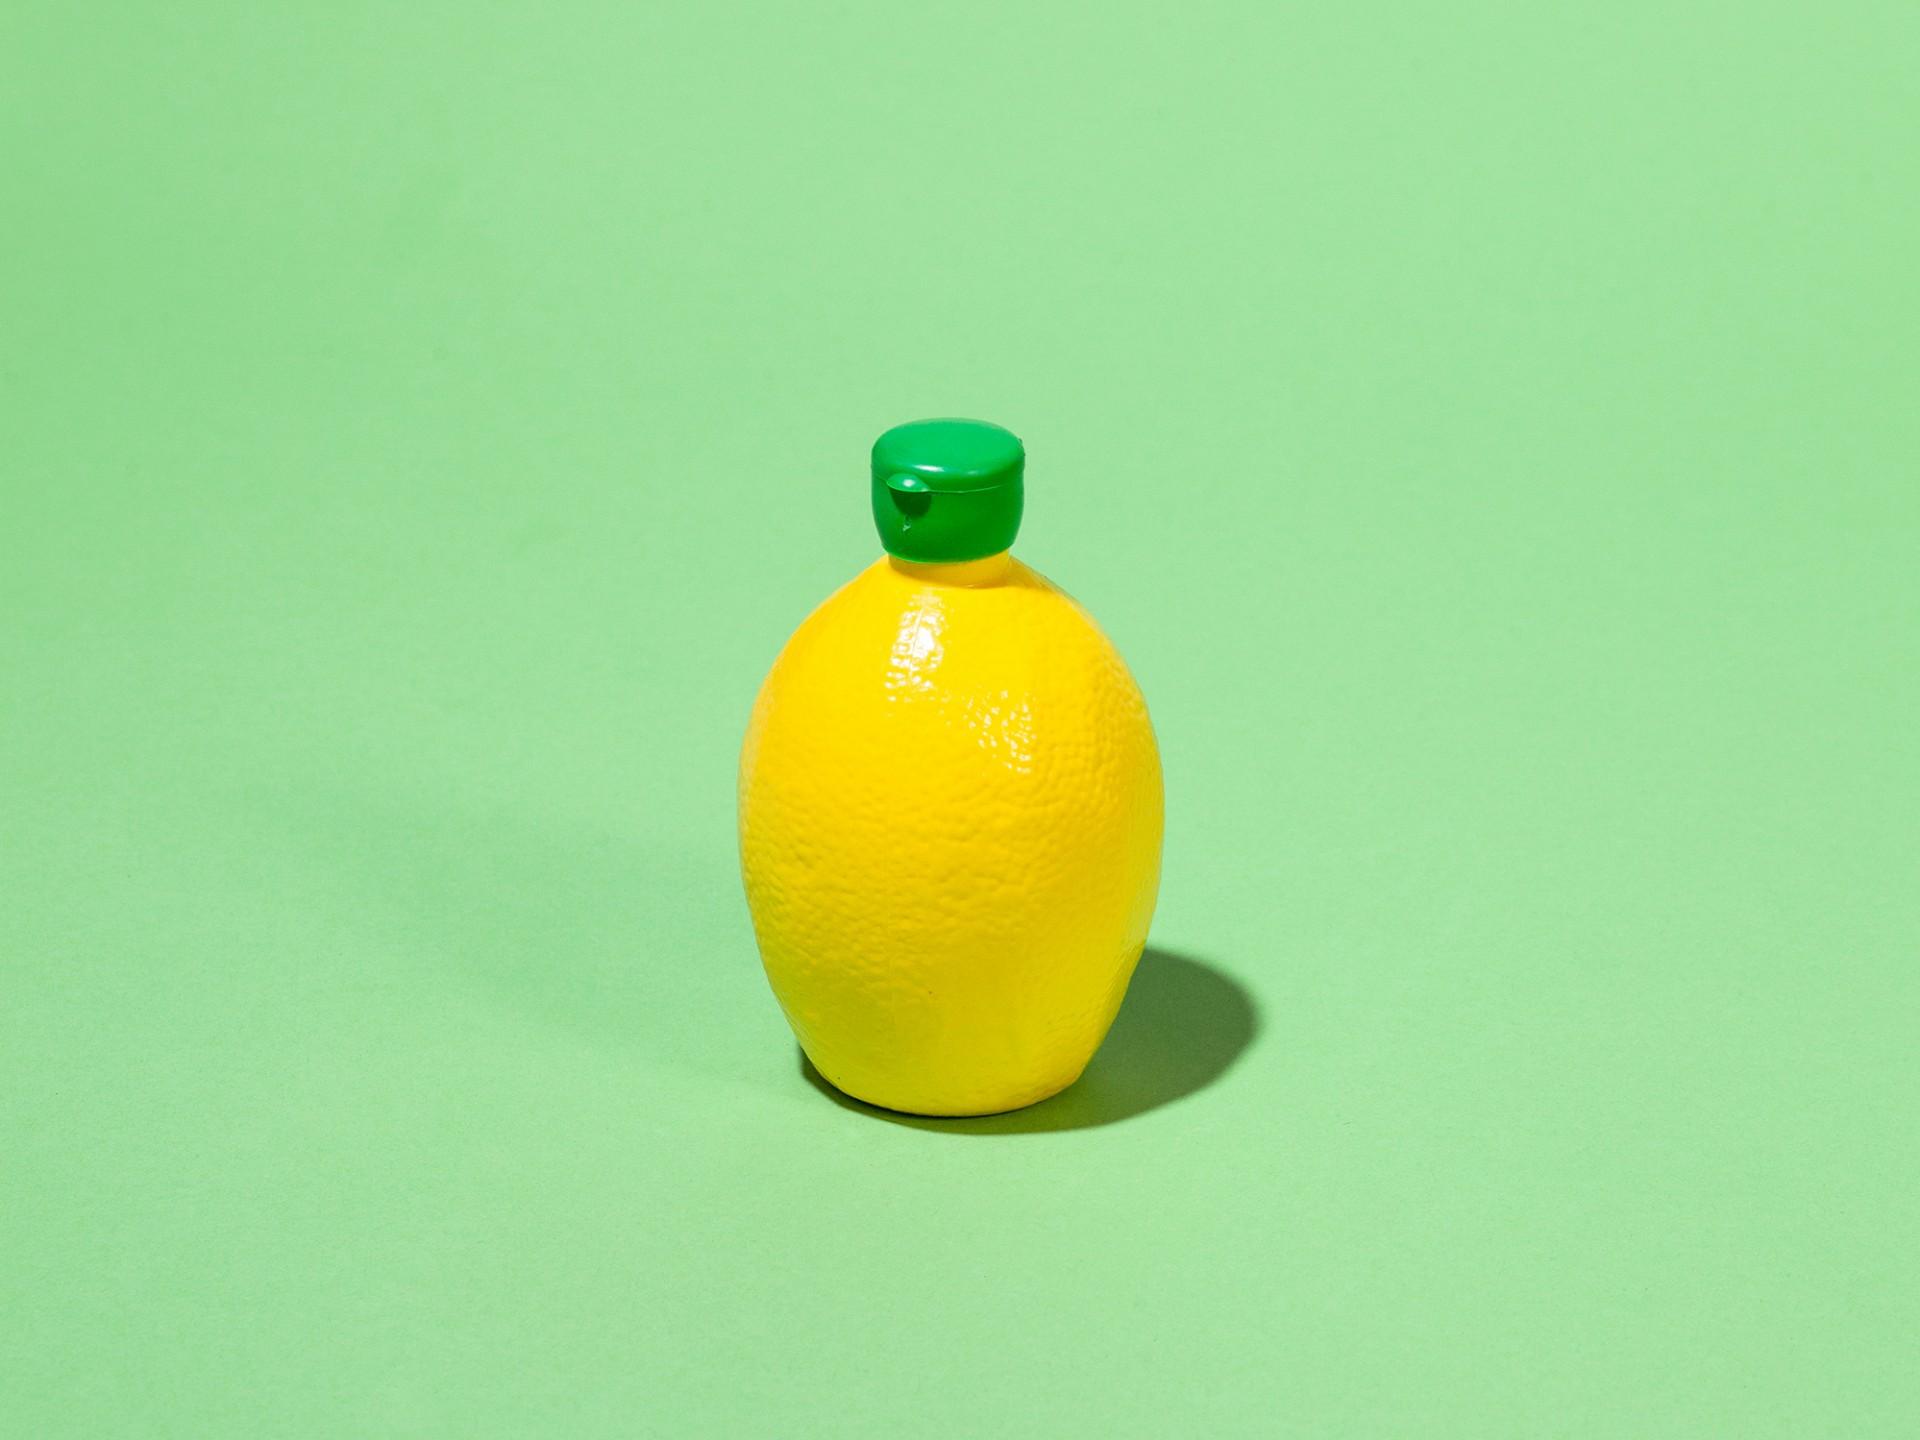 Lemon. Image: Ariel Zambelich/NPR